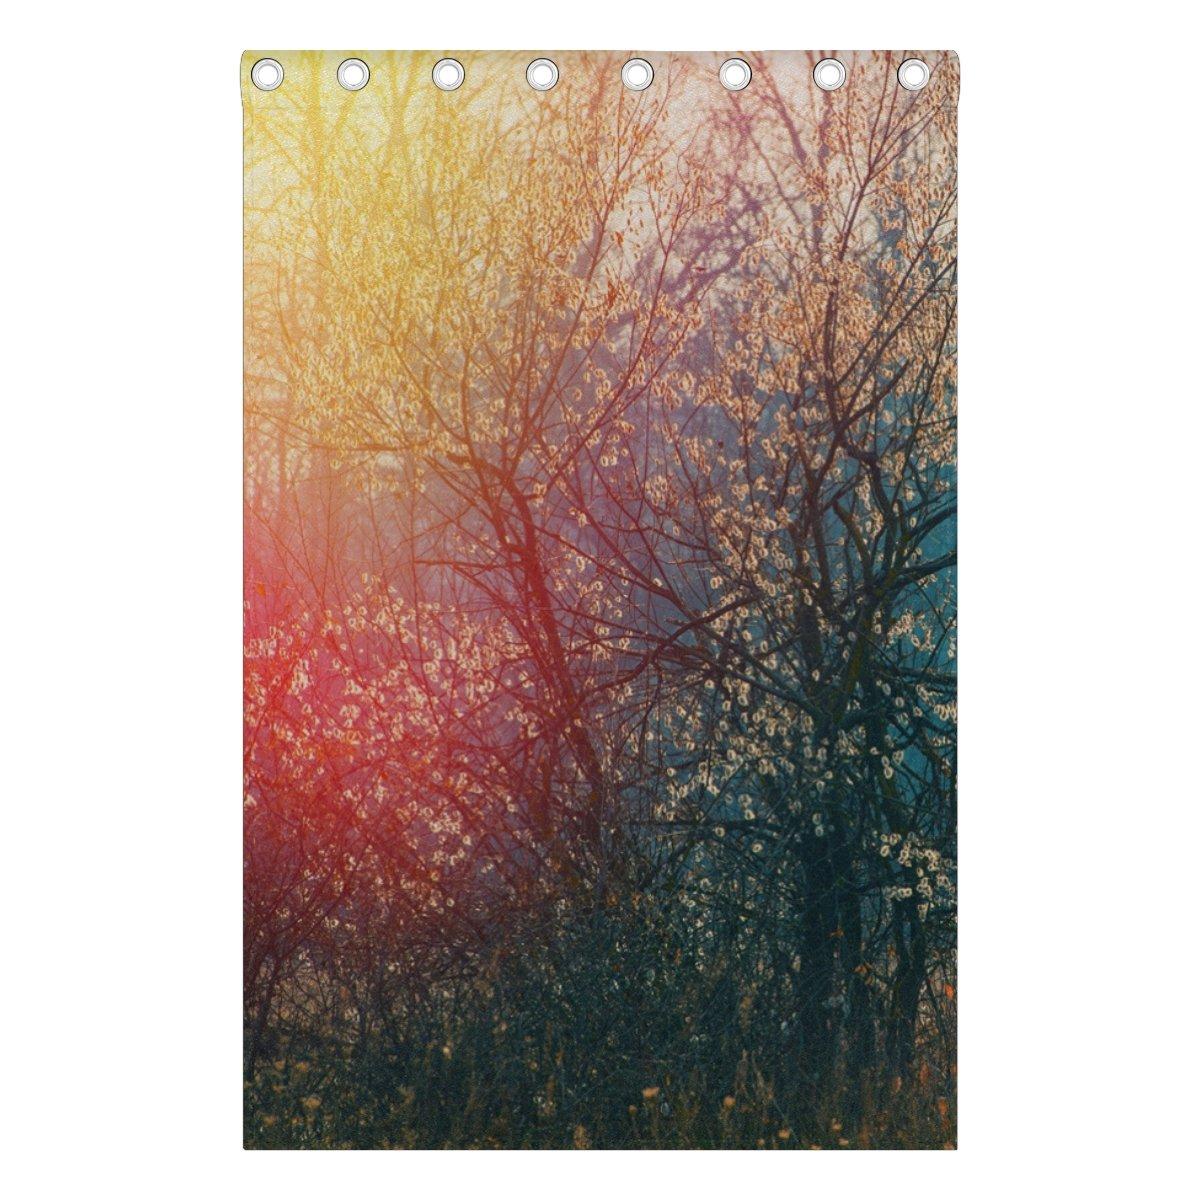 Fenster Vorhang Luxus Herbst Forest Floral Print isoliert Dick Super Soft Polyester Stoff Home Decor mit /Öse 2/Platten f/ür Schlafzimmer Wohnzimmer Badezimmer K/üche 213,4/x 139,7/cm